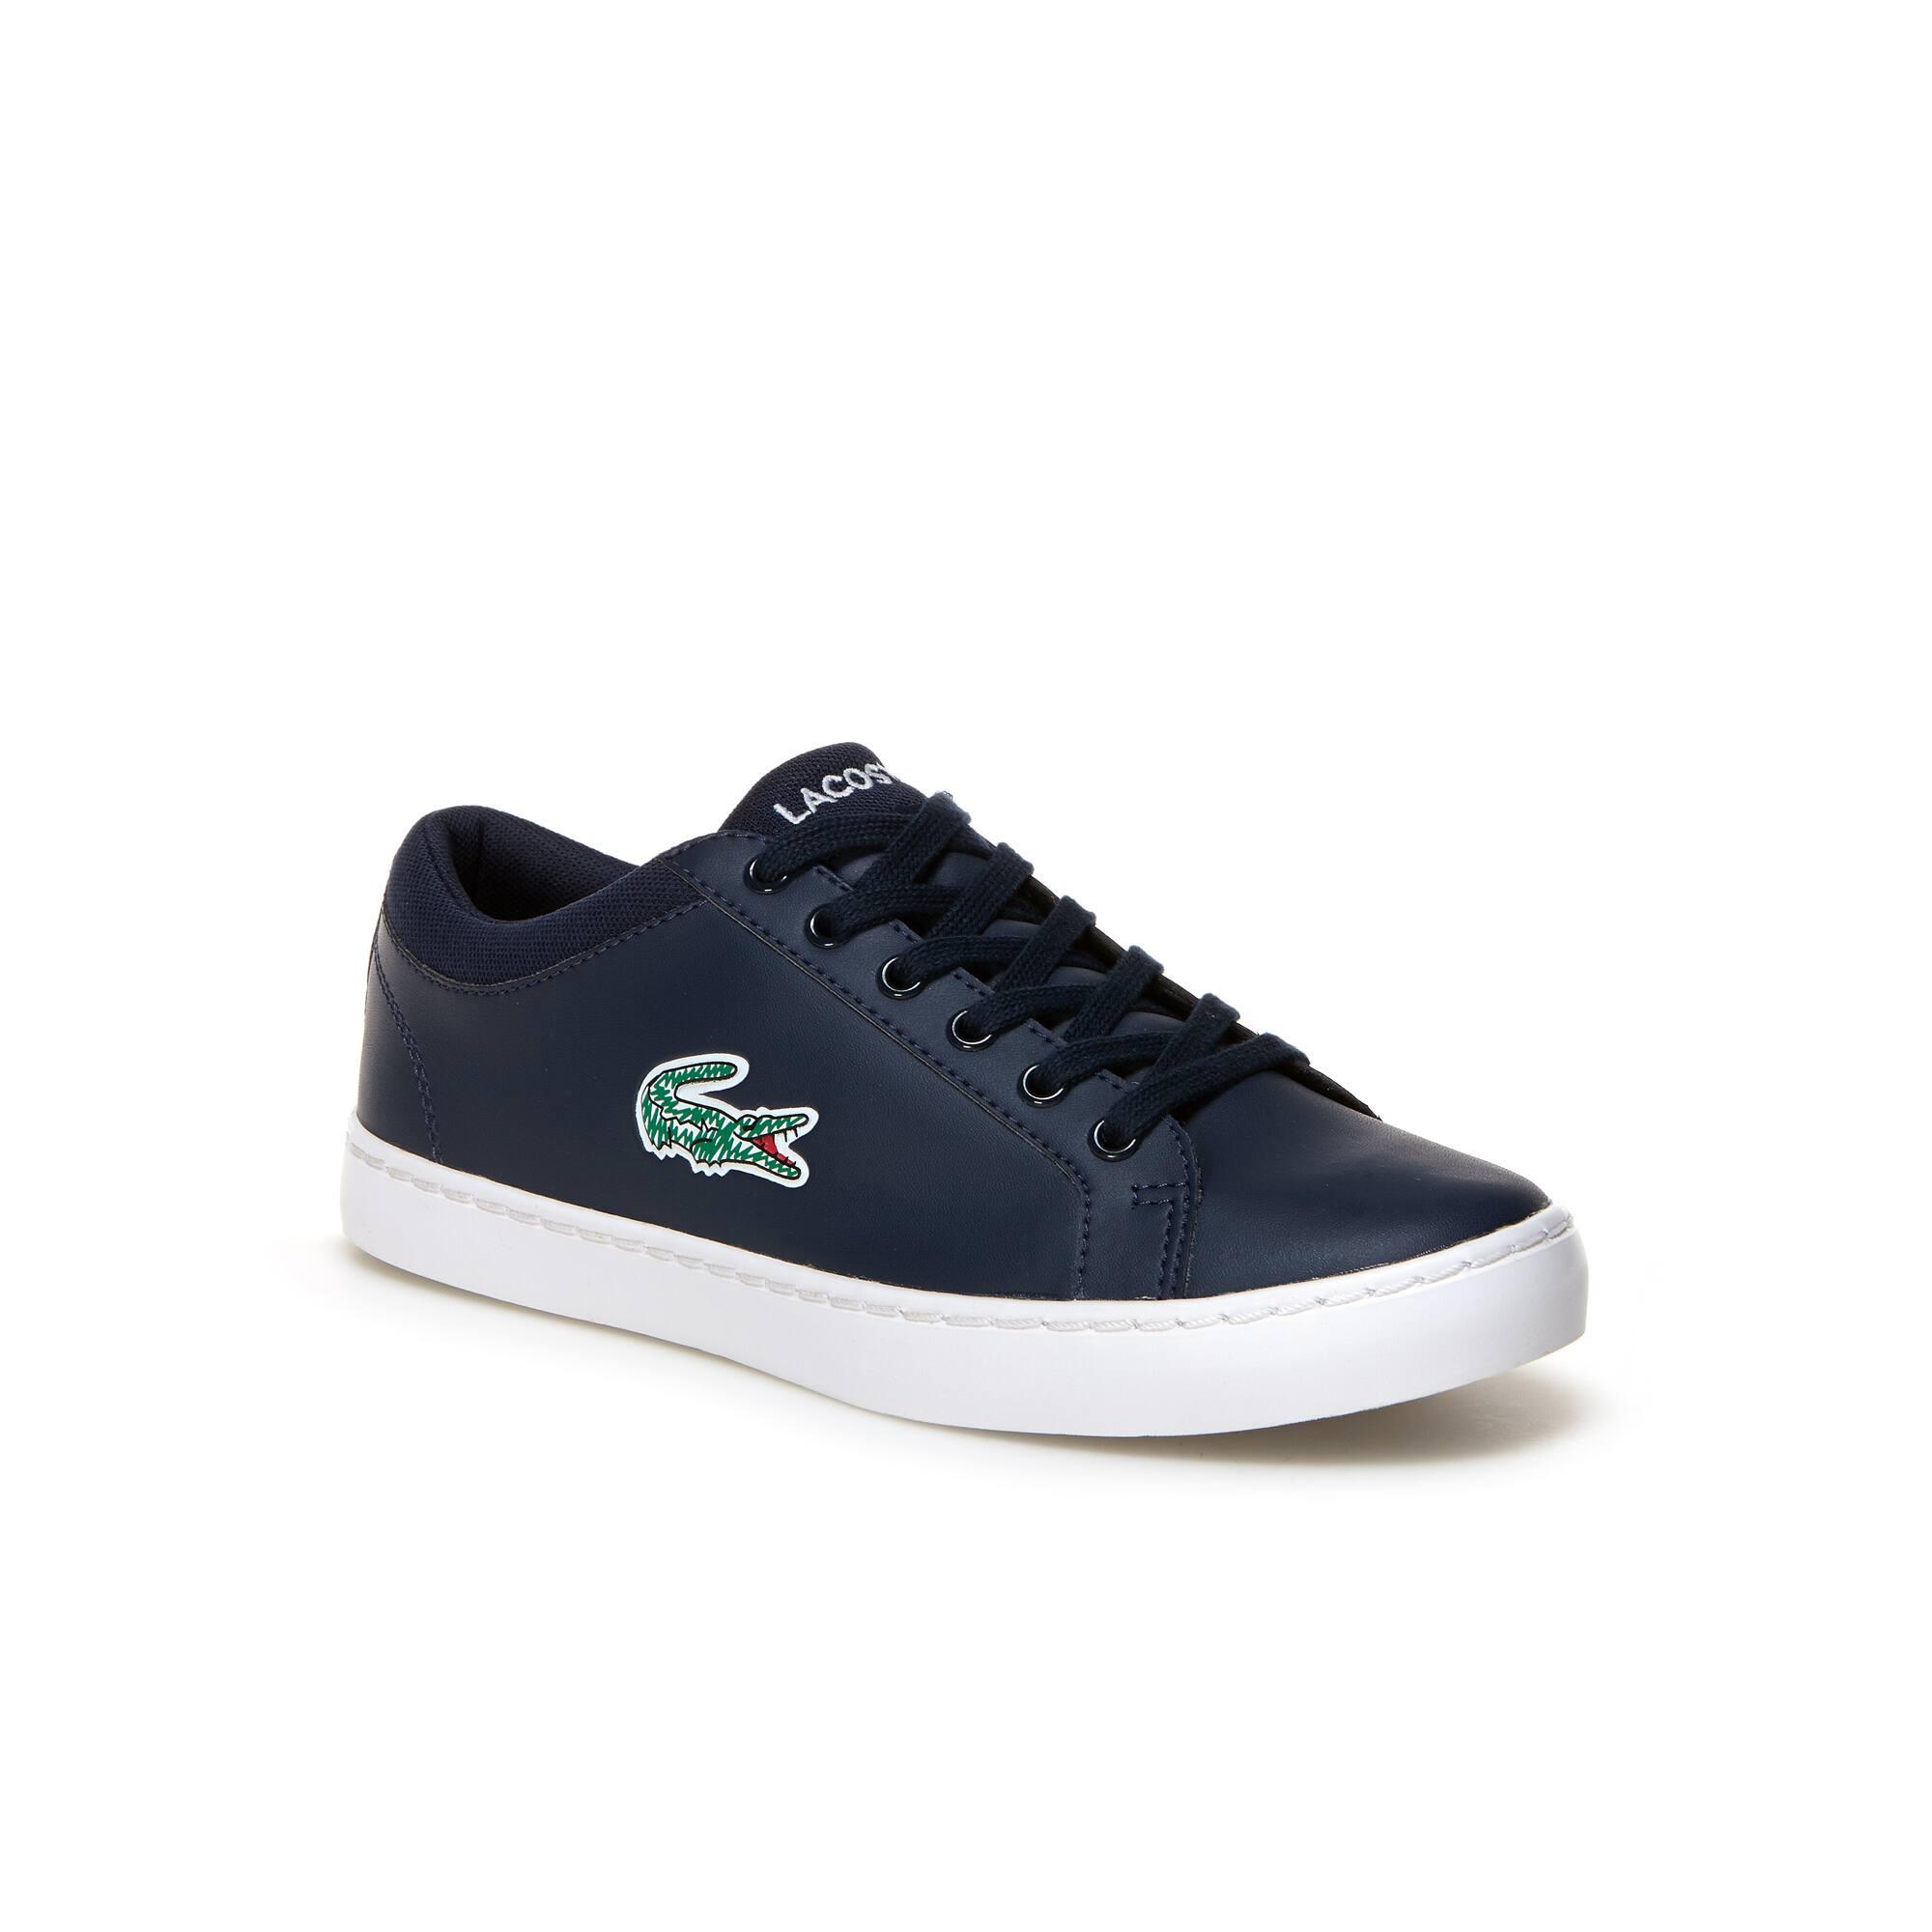 Sneakers numero 35 nere con stringhe per bambini Lacoste Envío Libre Con Mastercard Limitado Sitios Web De Descuento L3O9Uvx6